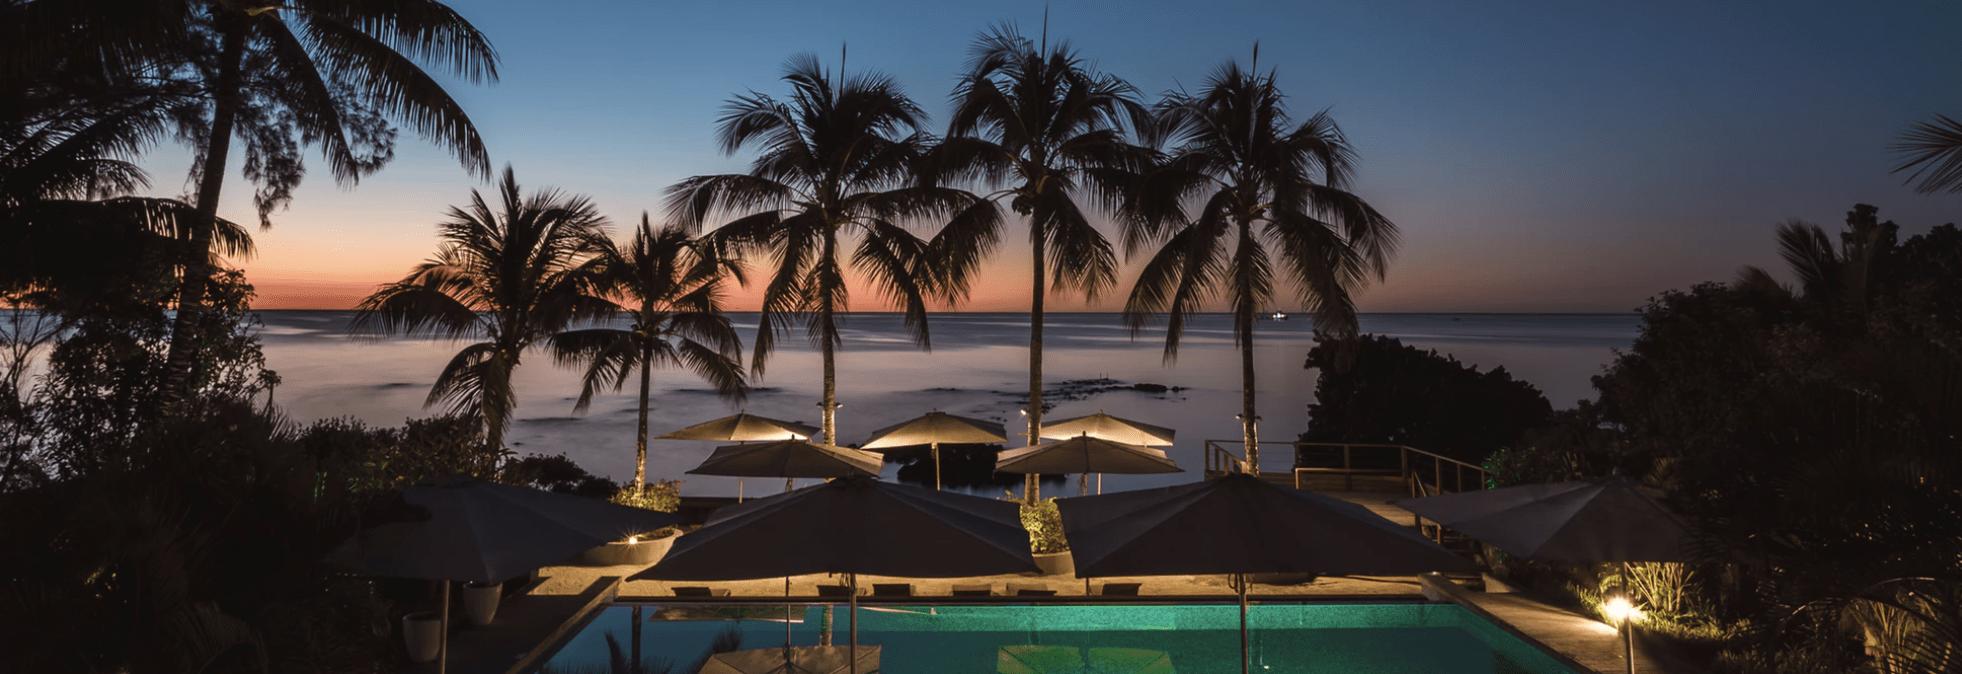 3 Reasons Why Interior Decorators in Miami, Florida Choose William C Huff